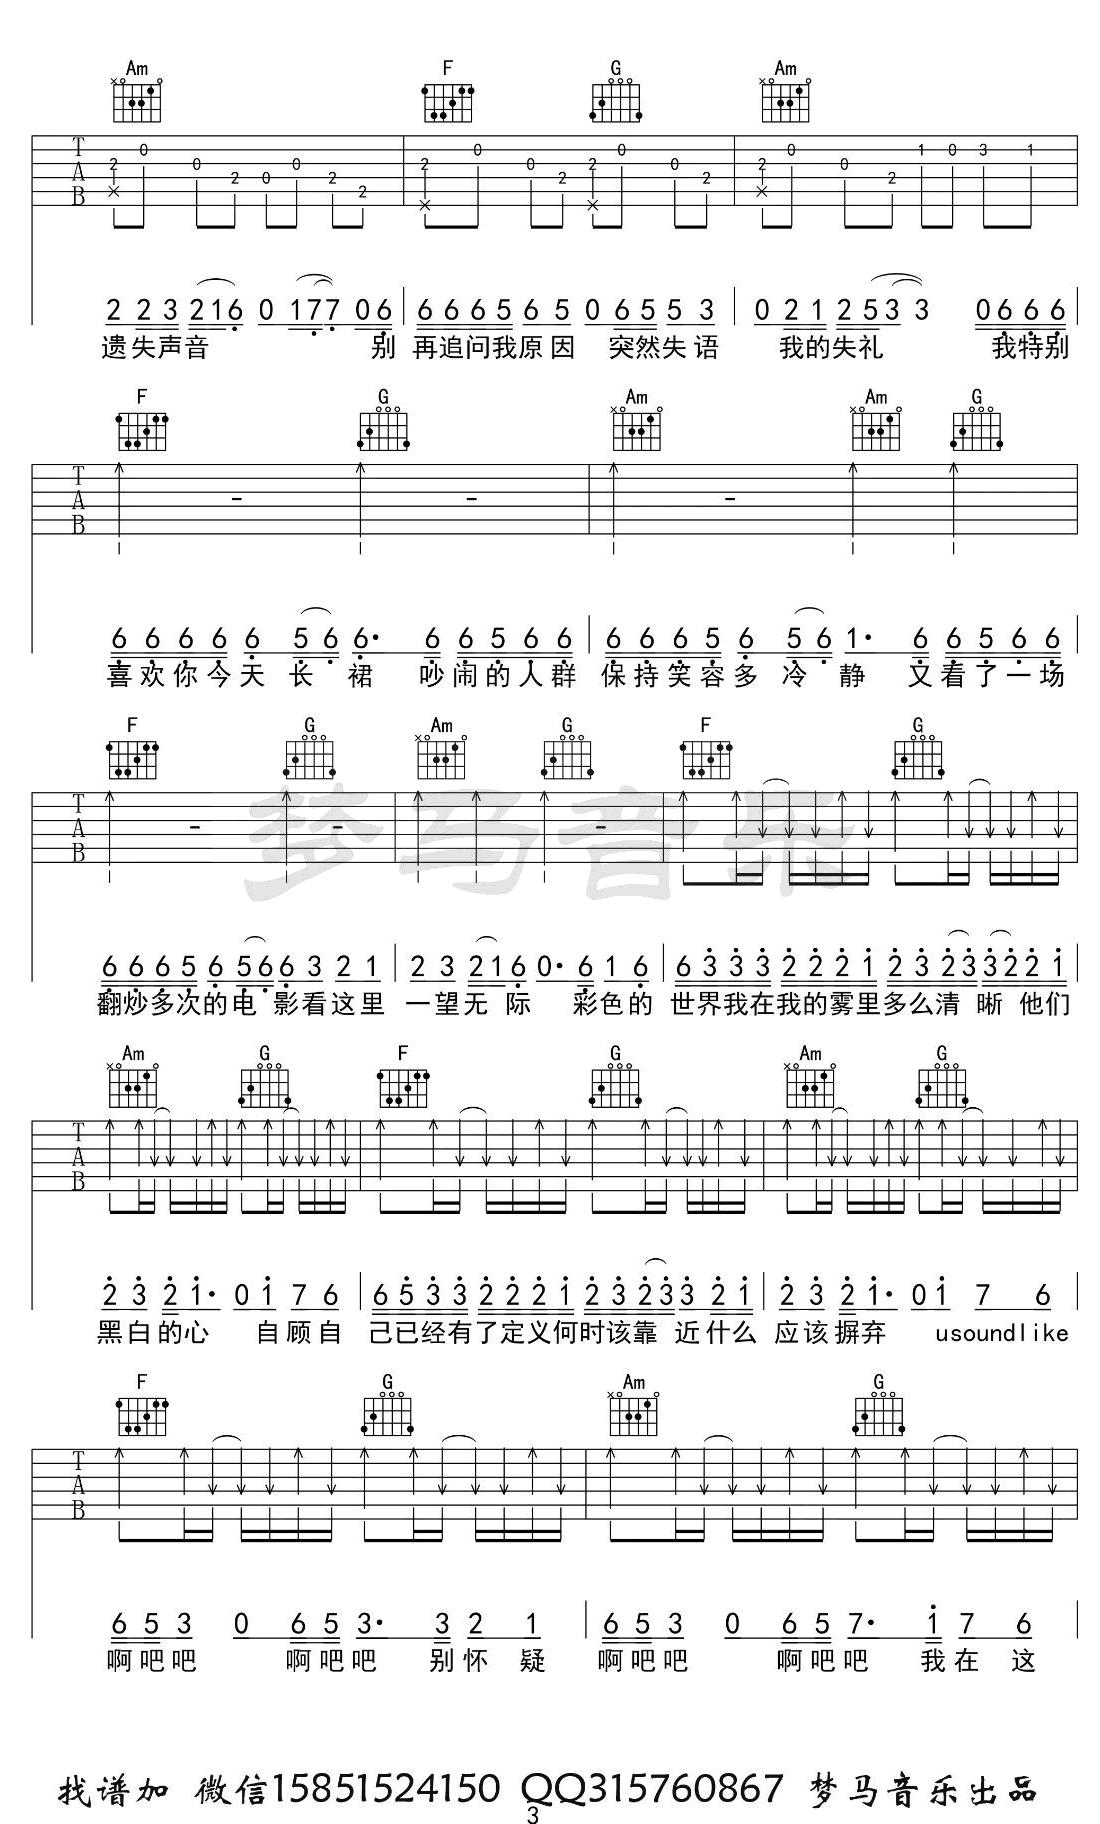 雾里吉他谱-姚六一弹唱六线谱-3